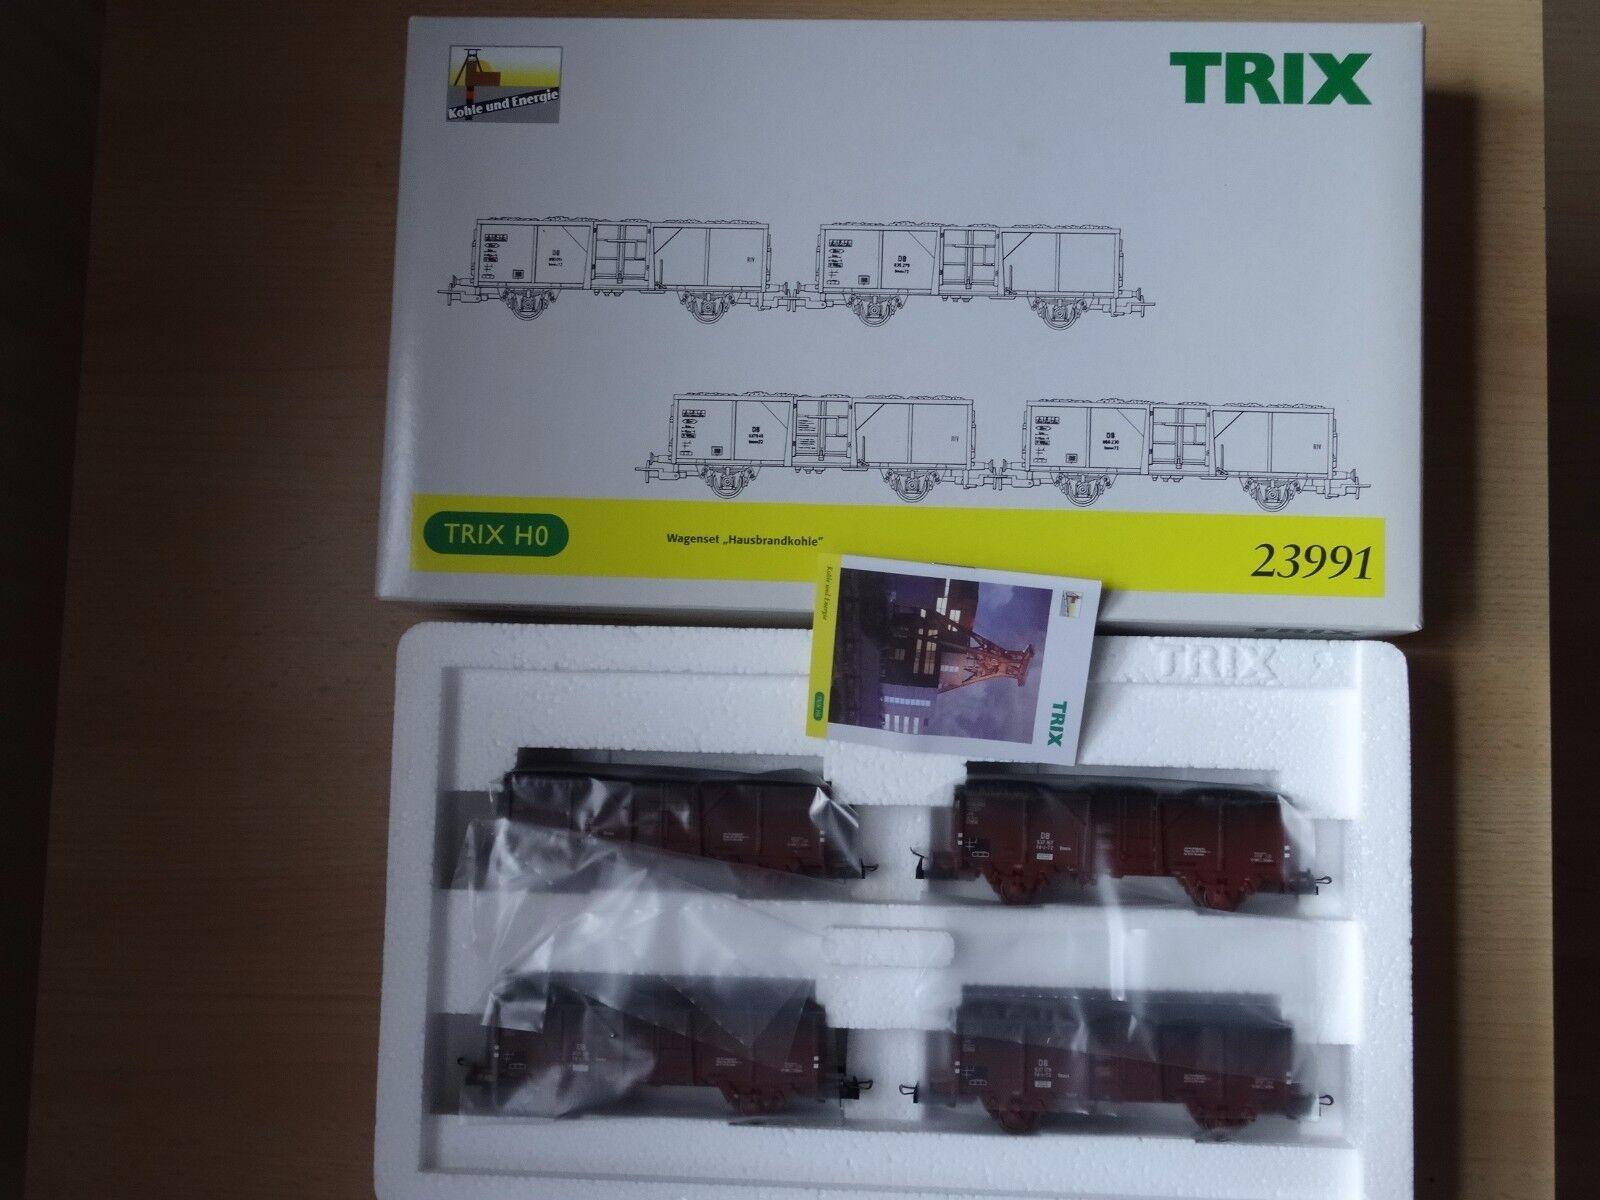 Trix HO 23991 4-teiliges Wagenset  Hausbrandkohle    Neuware aus Ladenauflösung